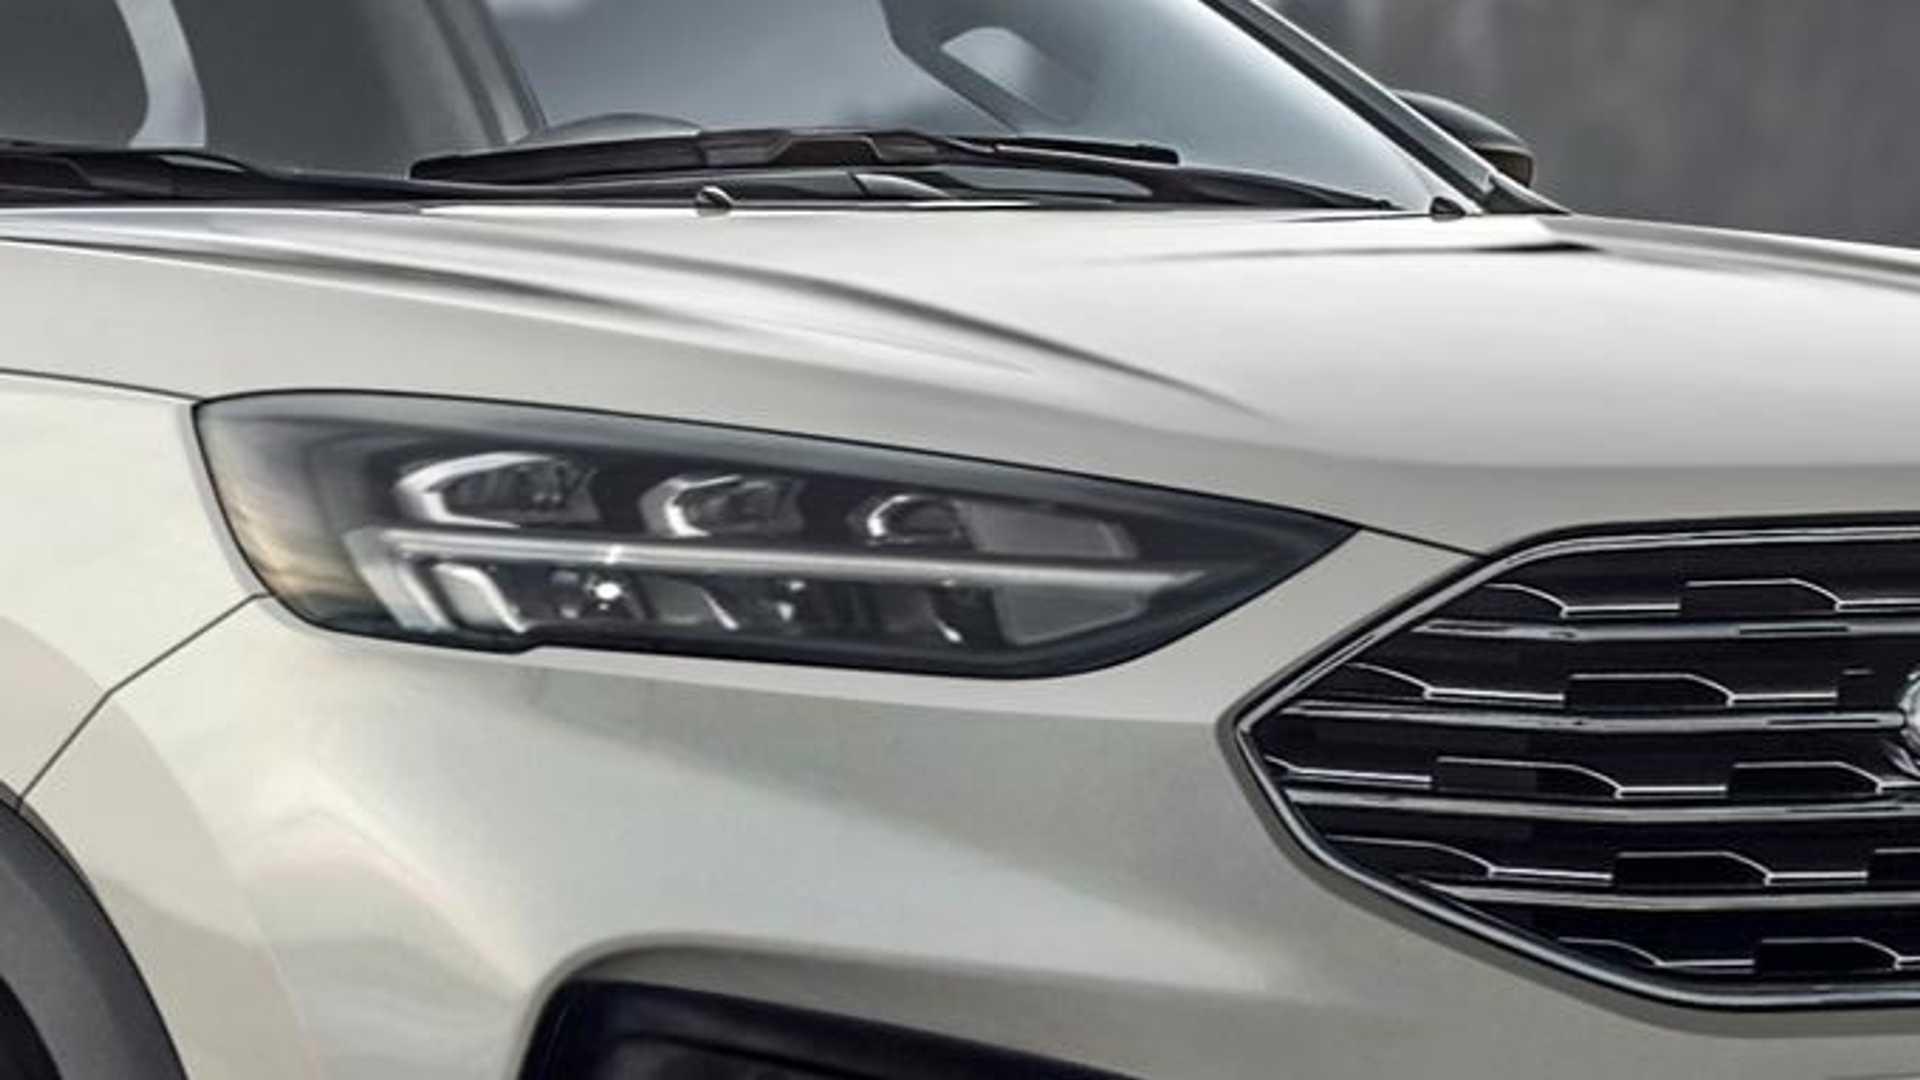 Ford irá lançar picape média para rivalizar com Fiat Toro